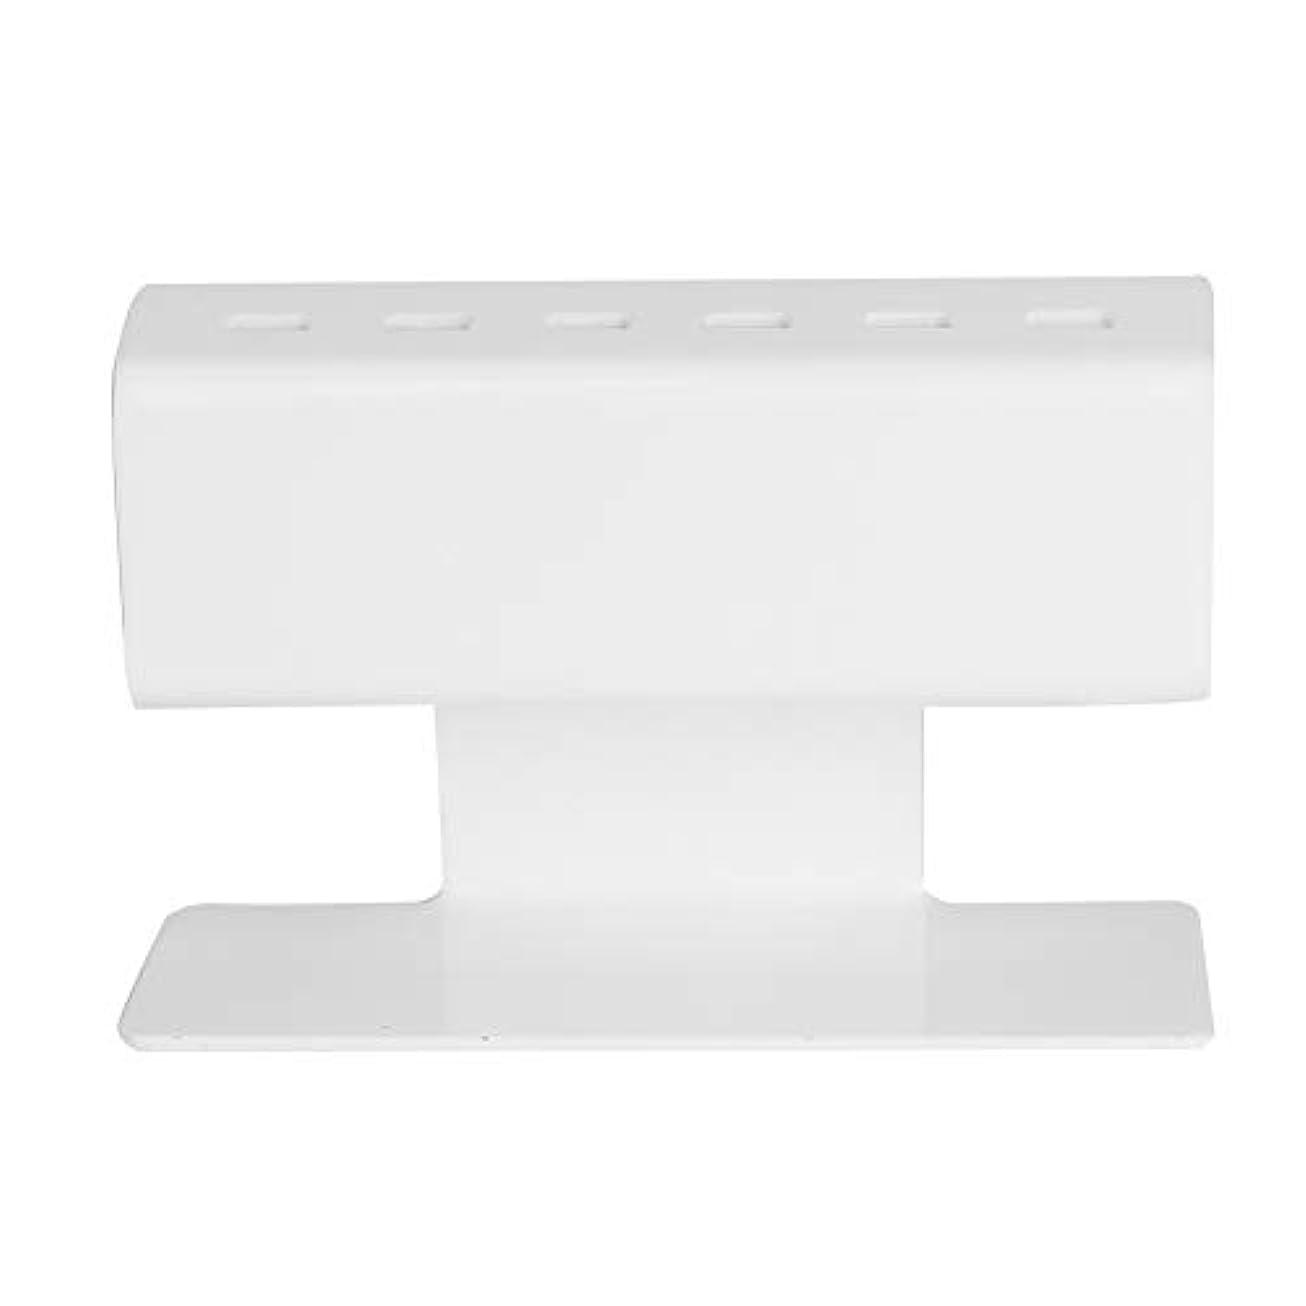 びっくりモールス信号習字ピンセットシェルフホルダー、まつげ延長プラスチック6個セットピンセットスタンドの位置(白い)